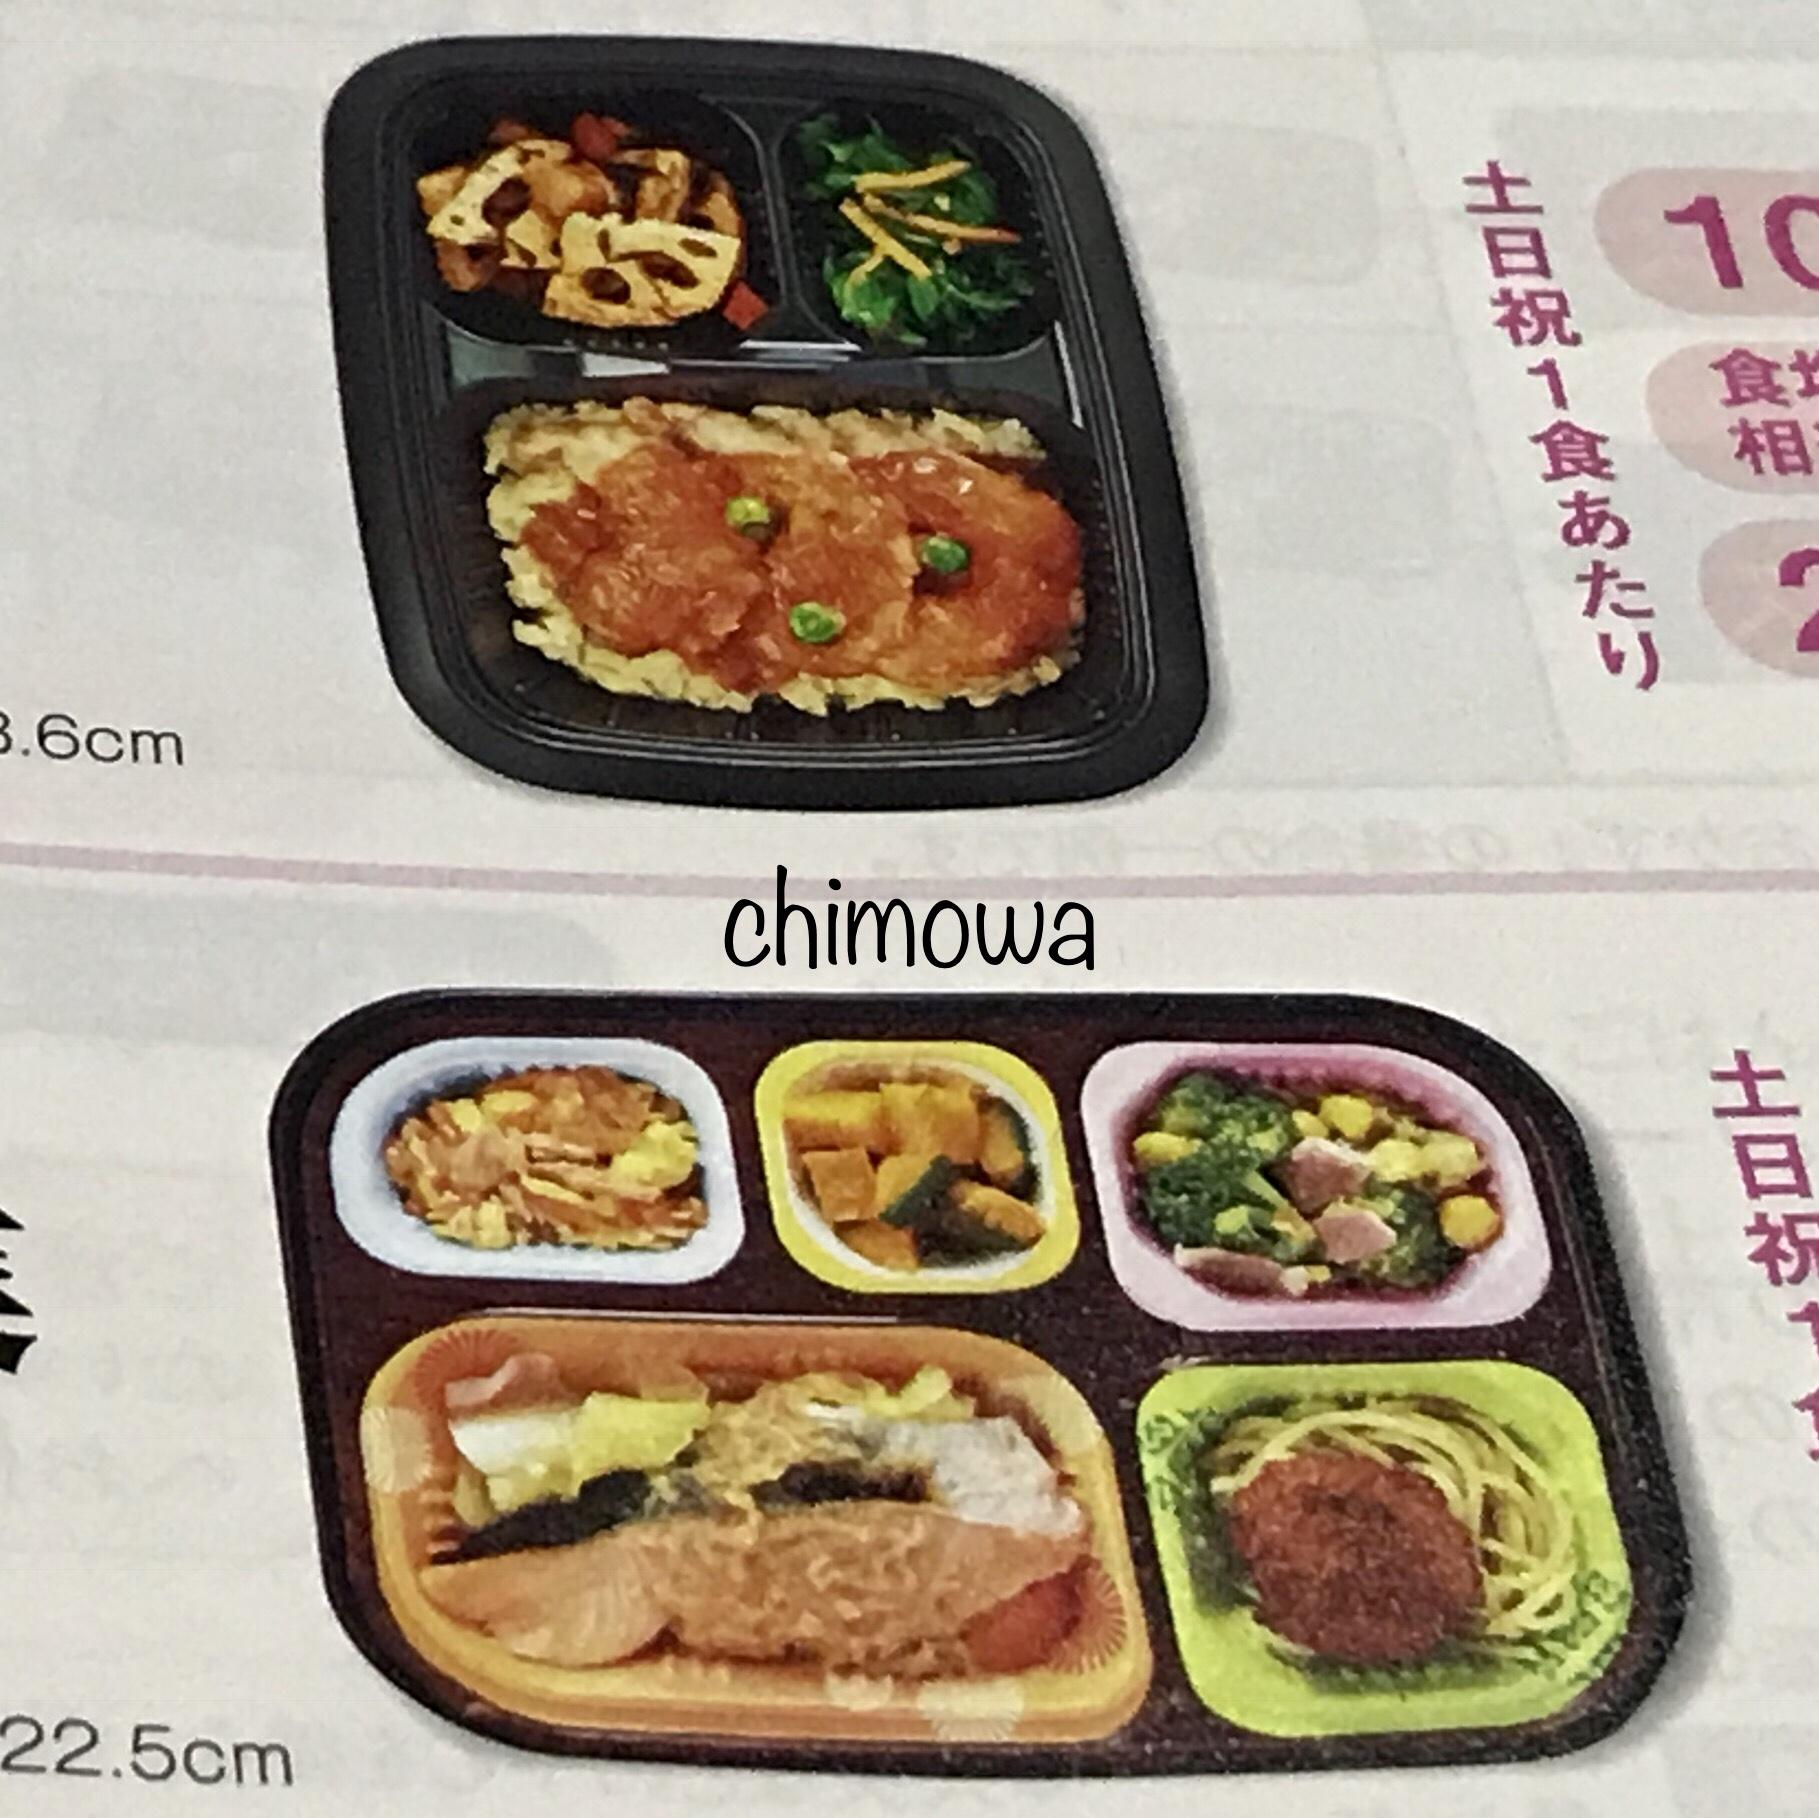 ワタミの宅食ご利用ガイドより「いつでも三菜」と「いつでも五菜」の写真